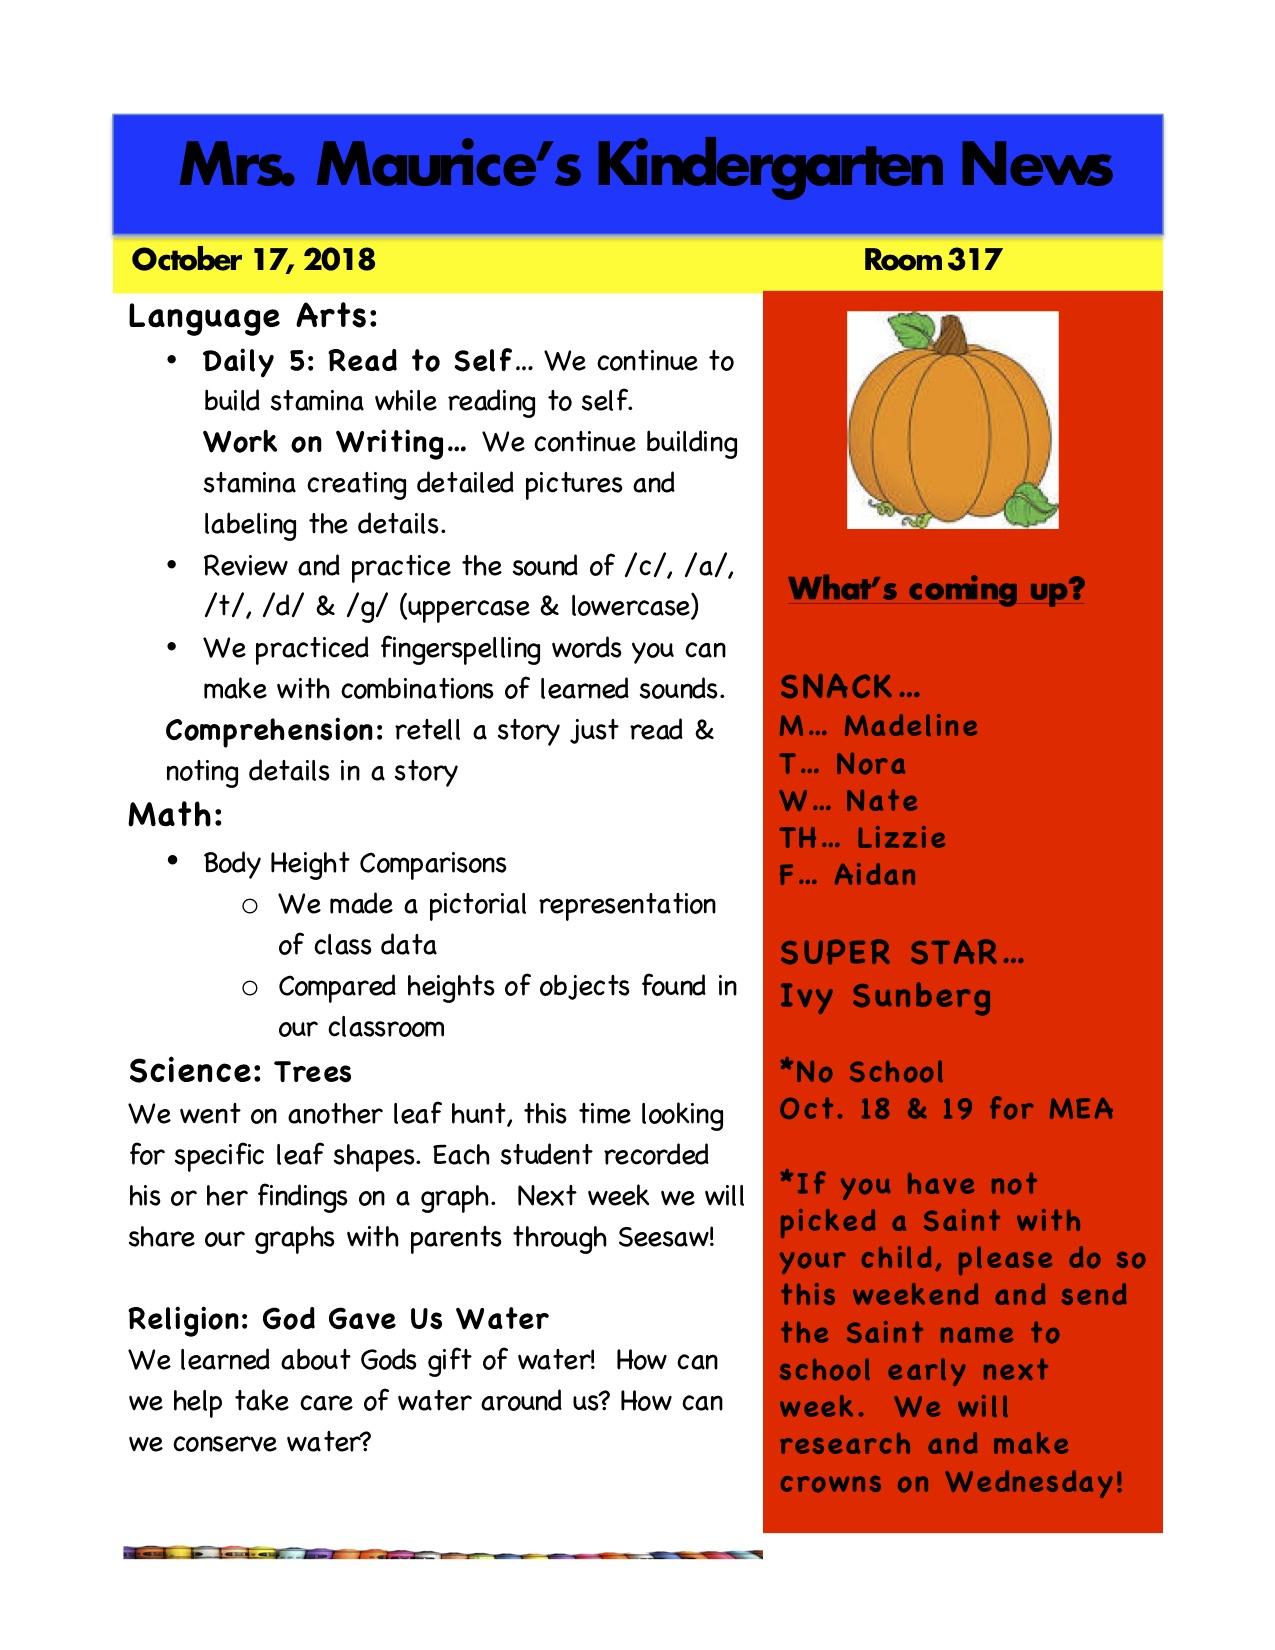 Kindergarten News Oct. 17.jpg